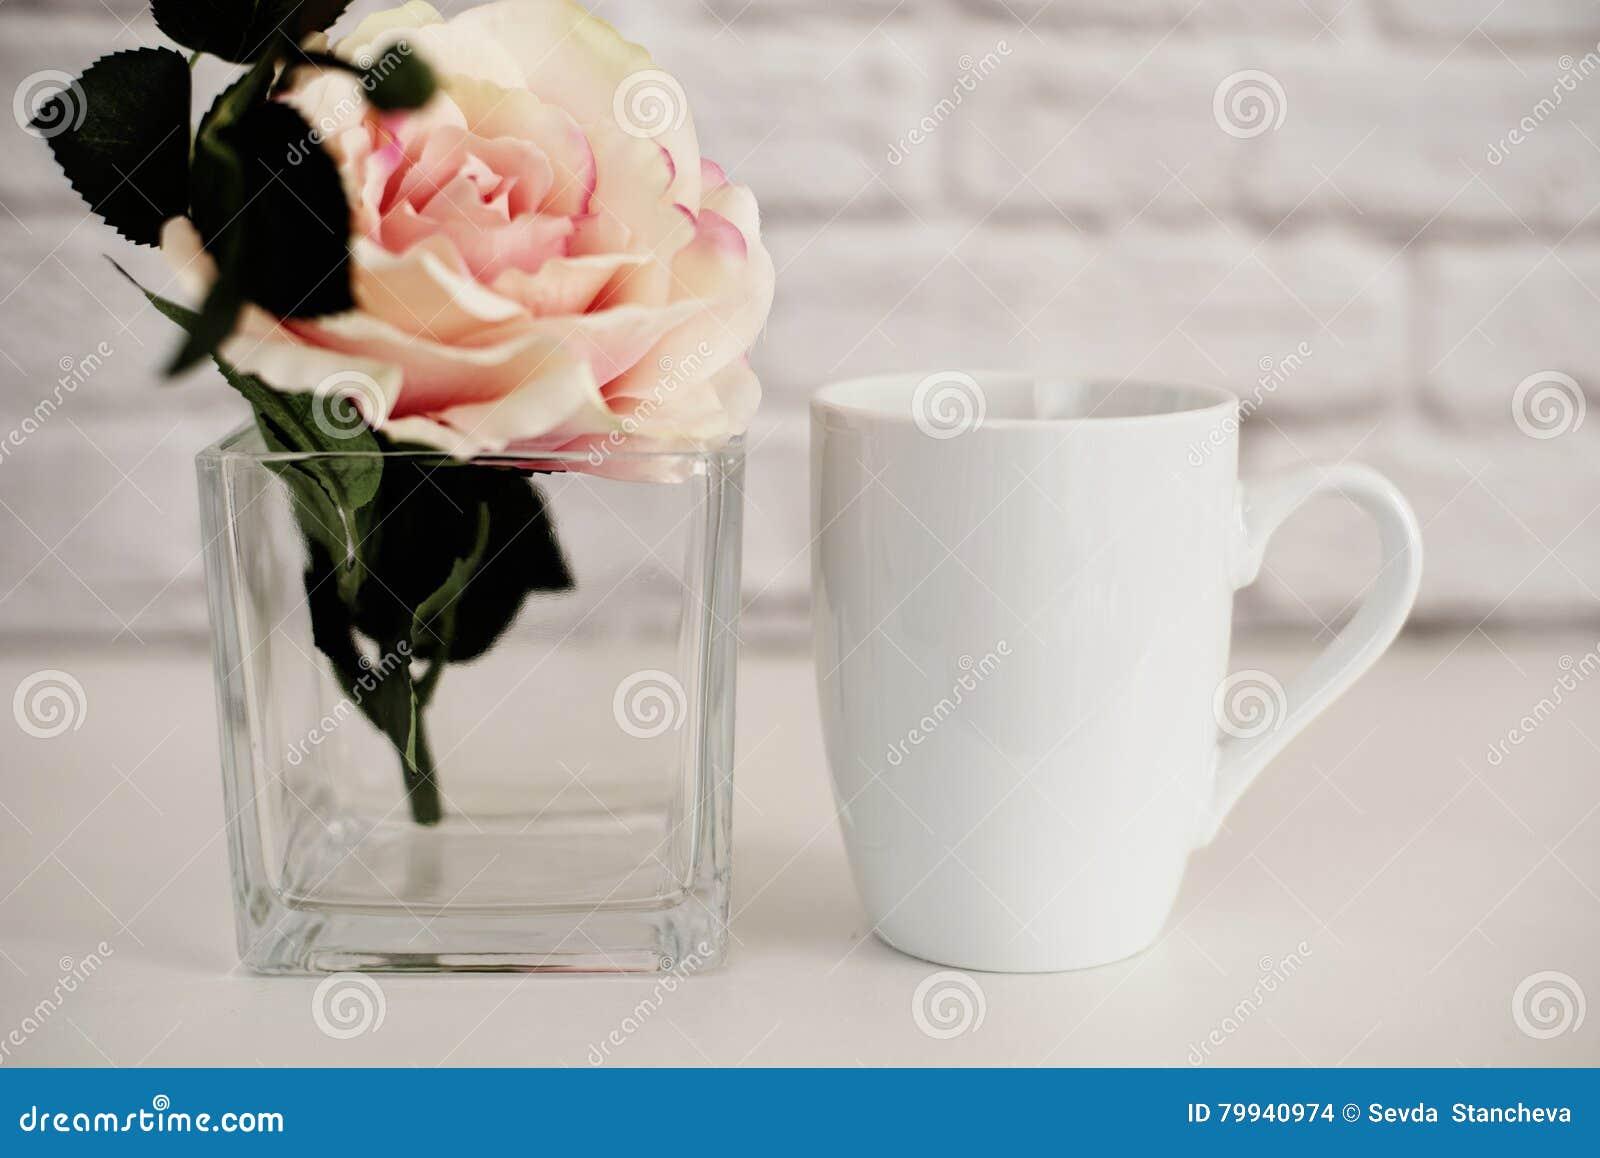 Πρότυπο κουπών Πρότυπο φλυτζανιών καφέ Πρότυπο σχεδίου εκτύπωσης κουπών καφέ Άσπρο πρότυπο κουπών κενή κούπα Ορισμένο πρότυπο από